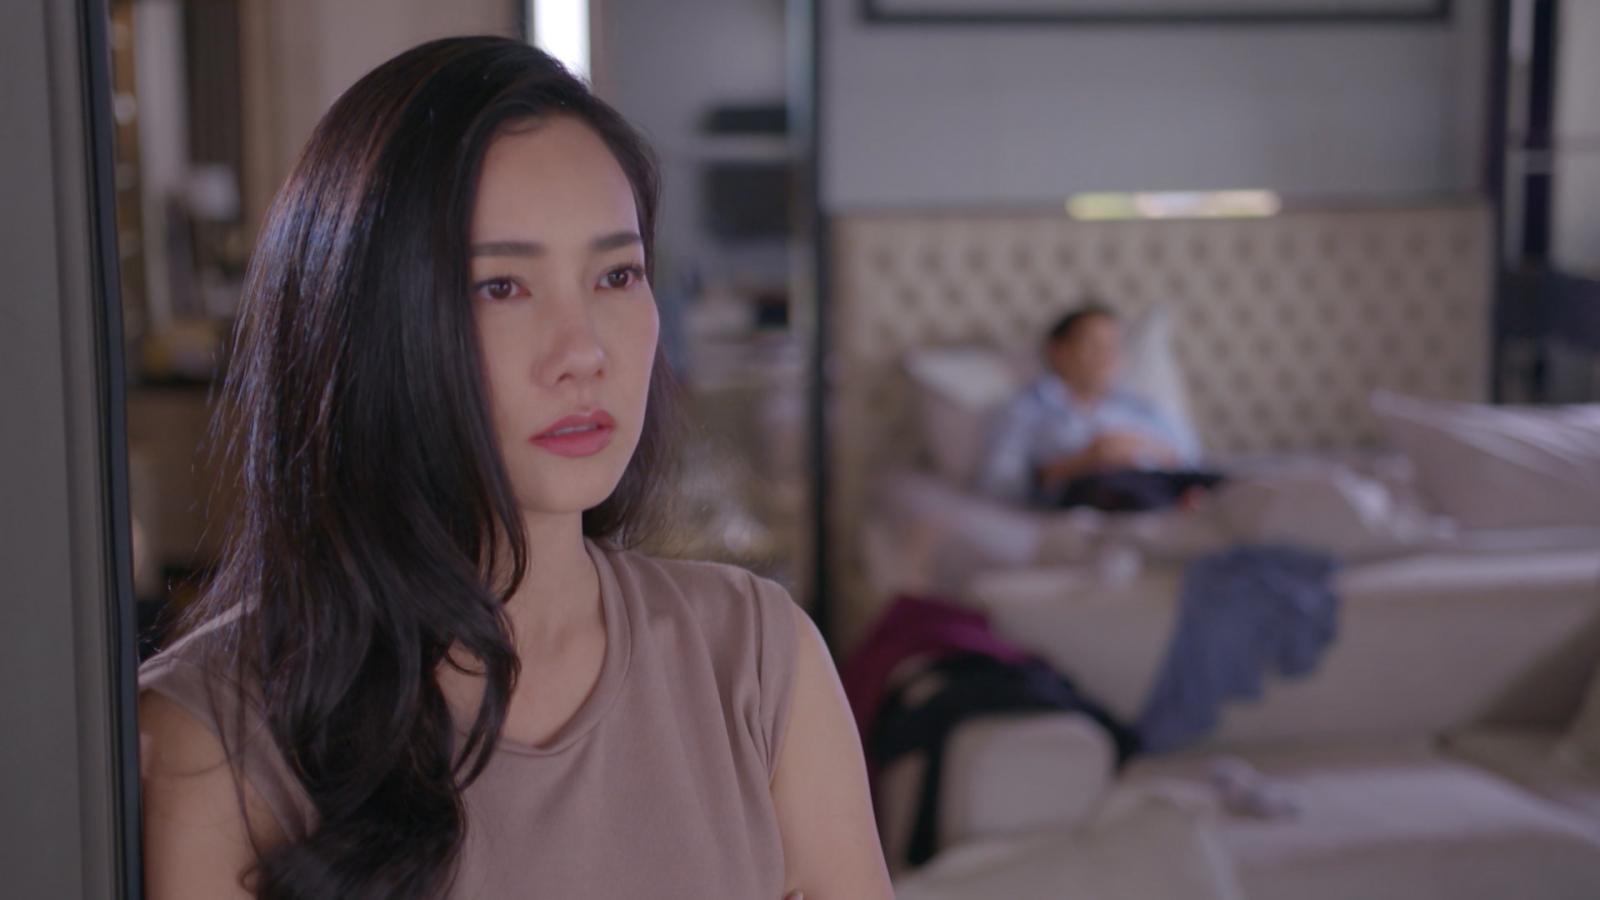 วุ่นรักนักข่าว EP.7 | ฟินสุด | ฝืนใจไม่ให้รัก เจ็บหนักกว่ารักไปเลย | PPTV HD 36